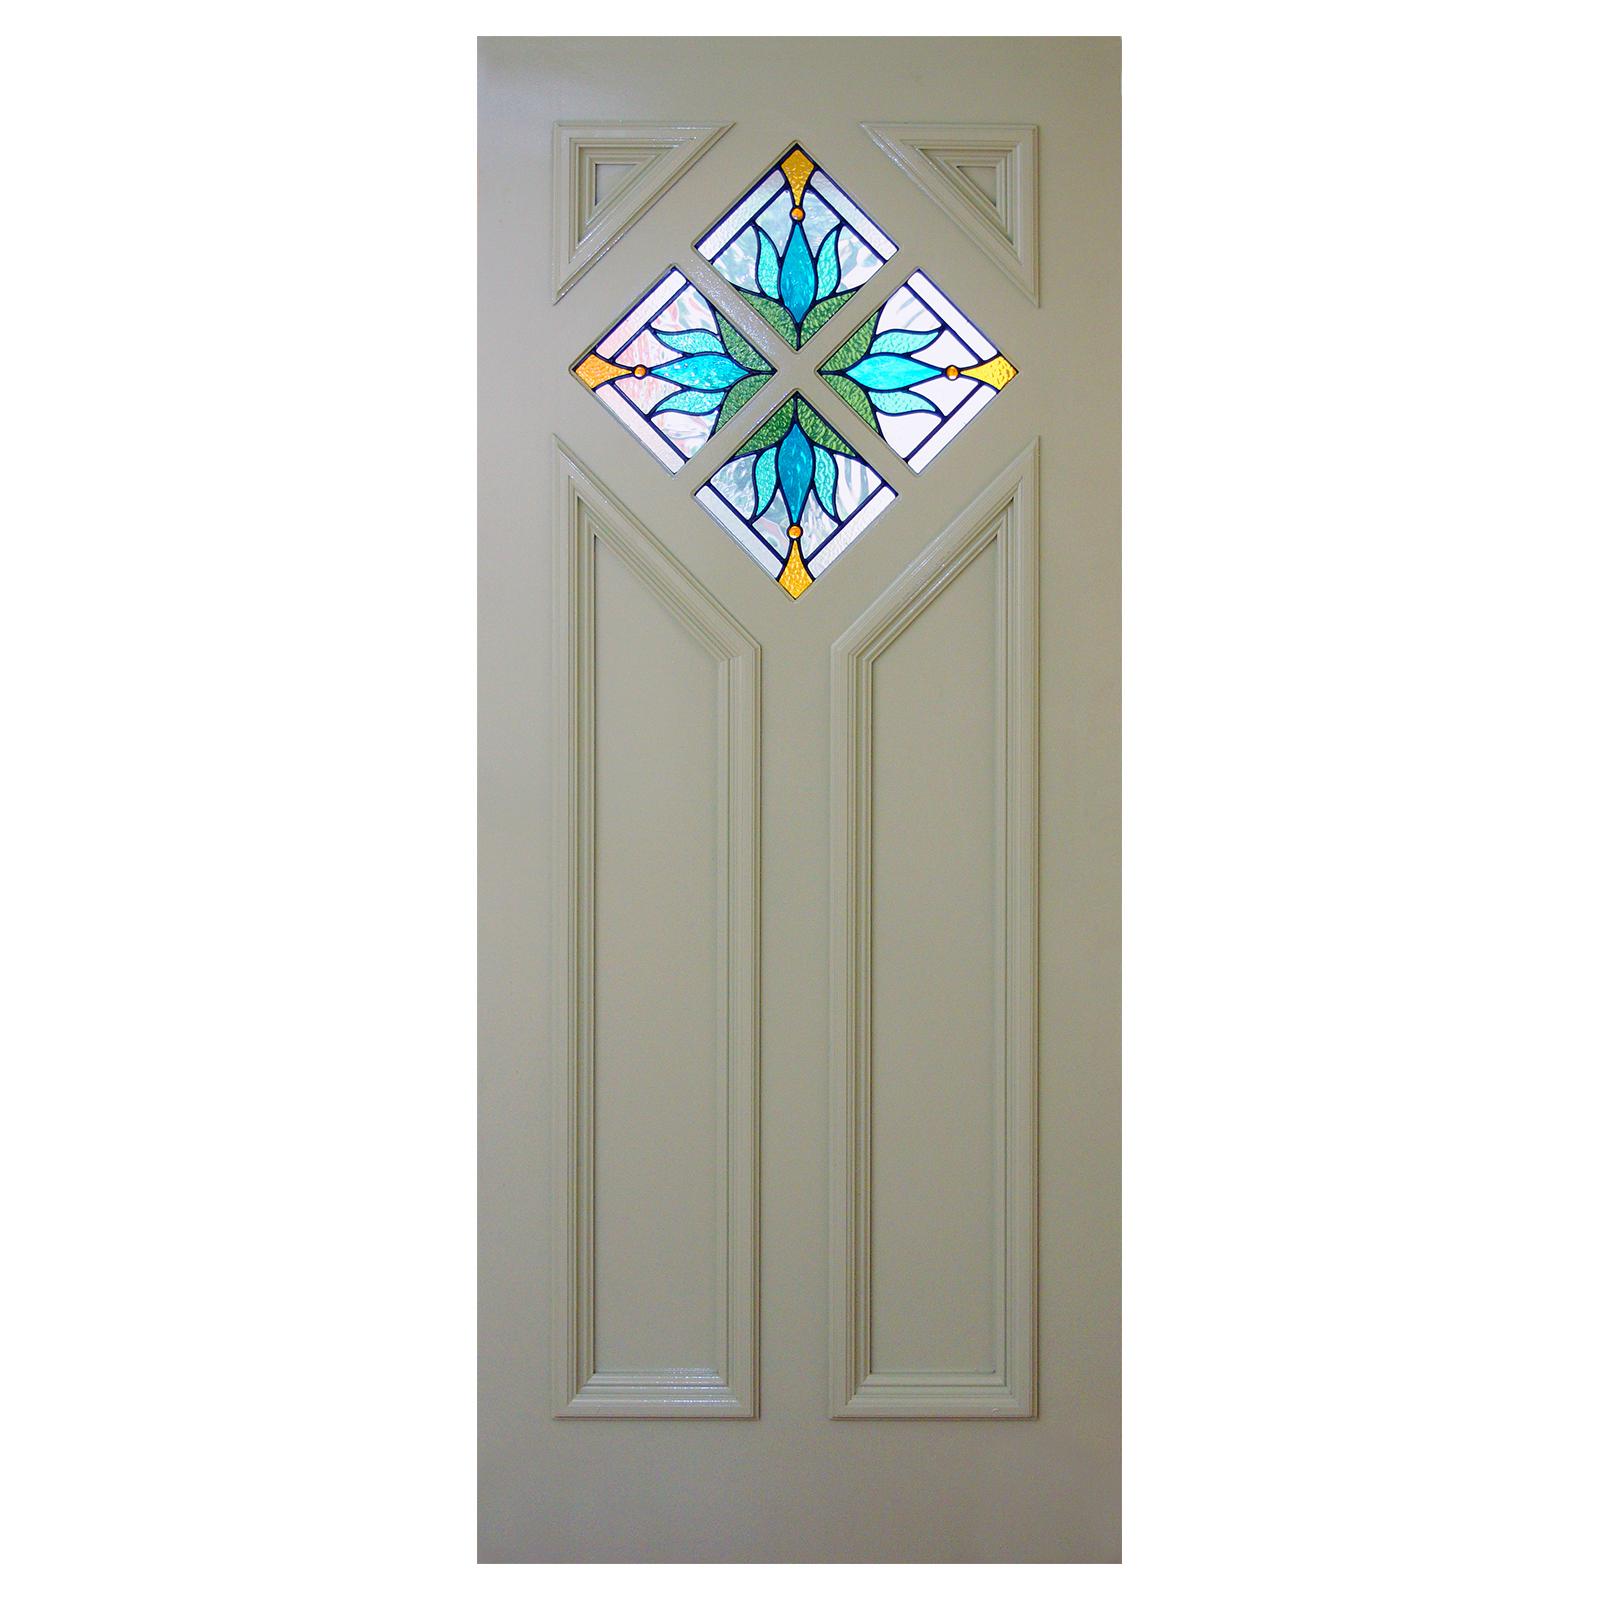 Hardwood Diamond Top Panel Door 1930sart Deco Period Home Style